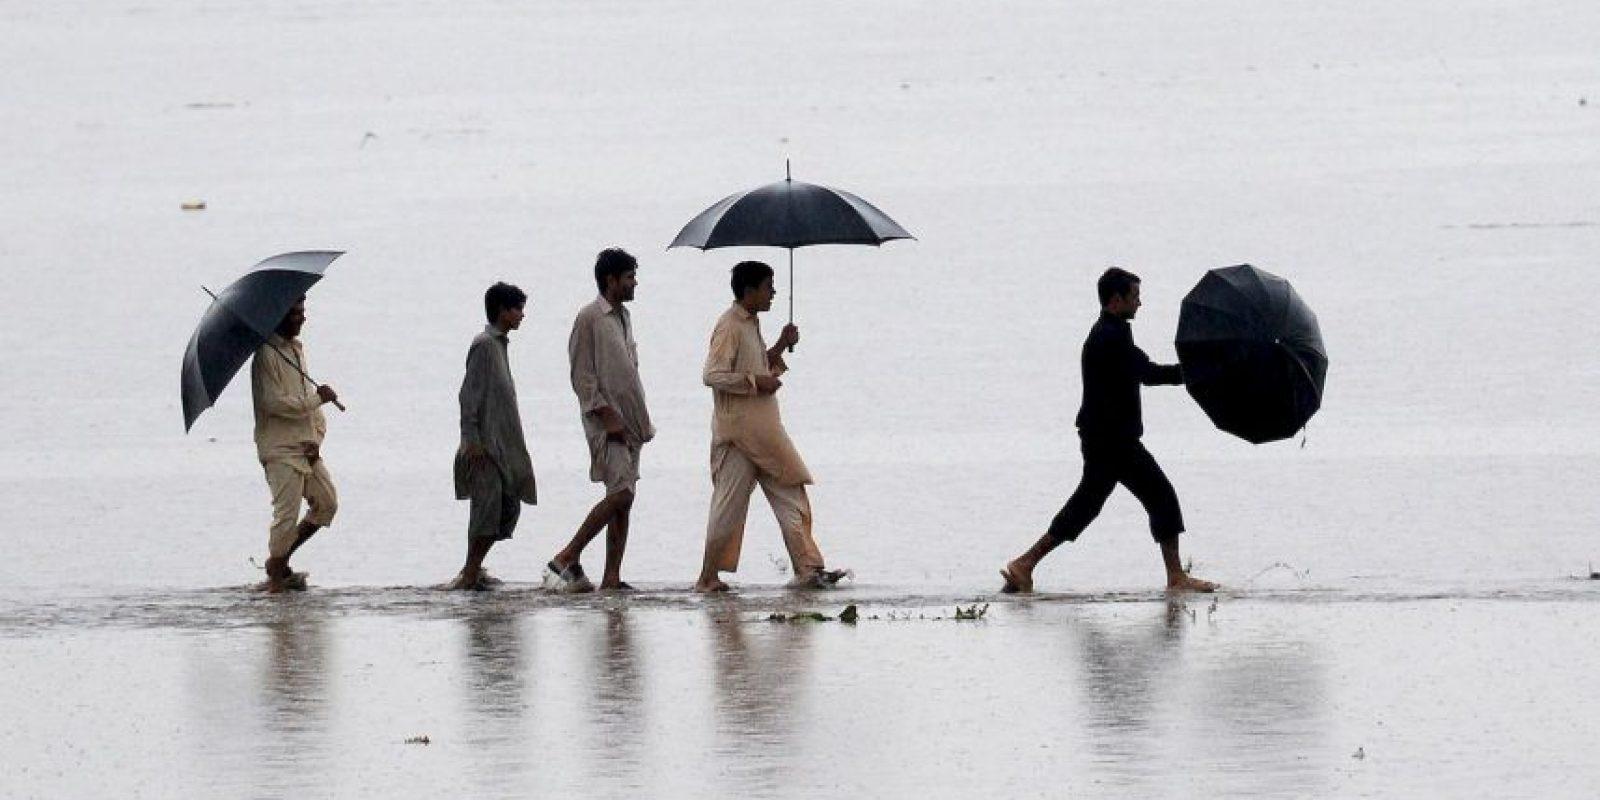 Inundación en Pakistán. Foto:AFP